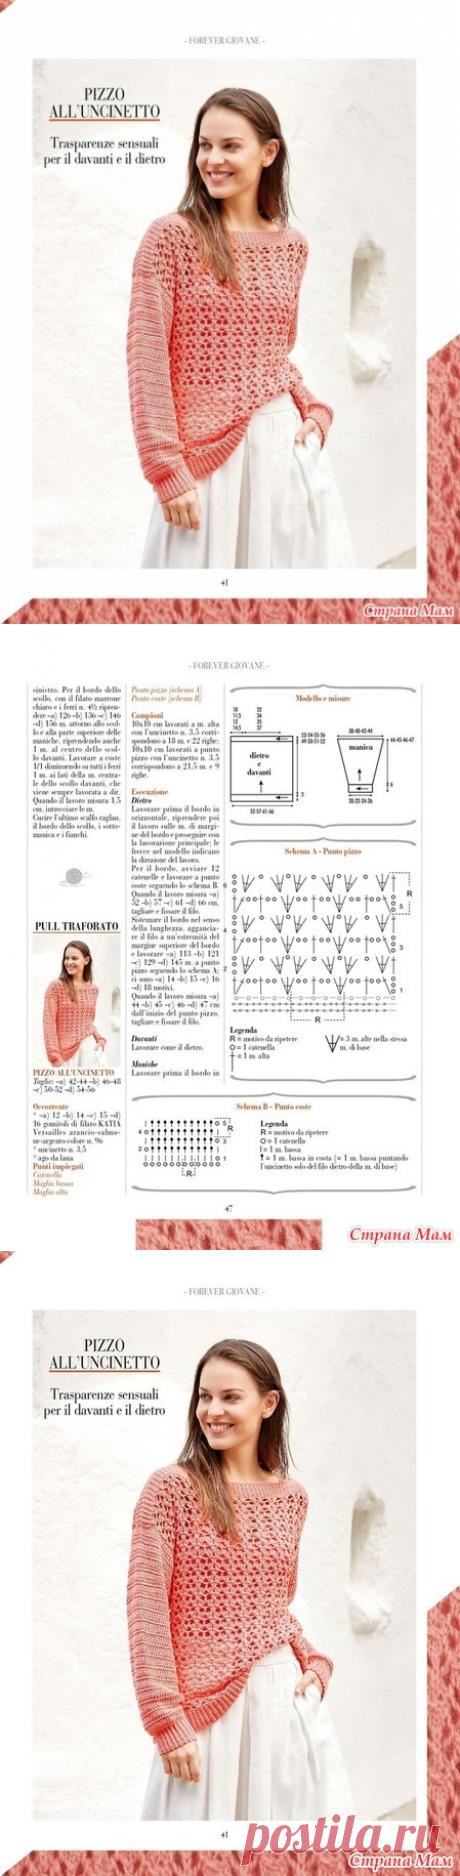 Пуловер из PIU MAGLIA №17 2020 - Вяжем крючком для солидных дам - Страна Мам